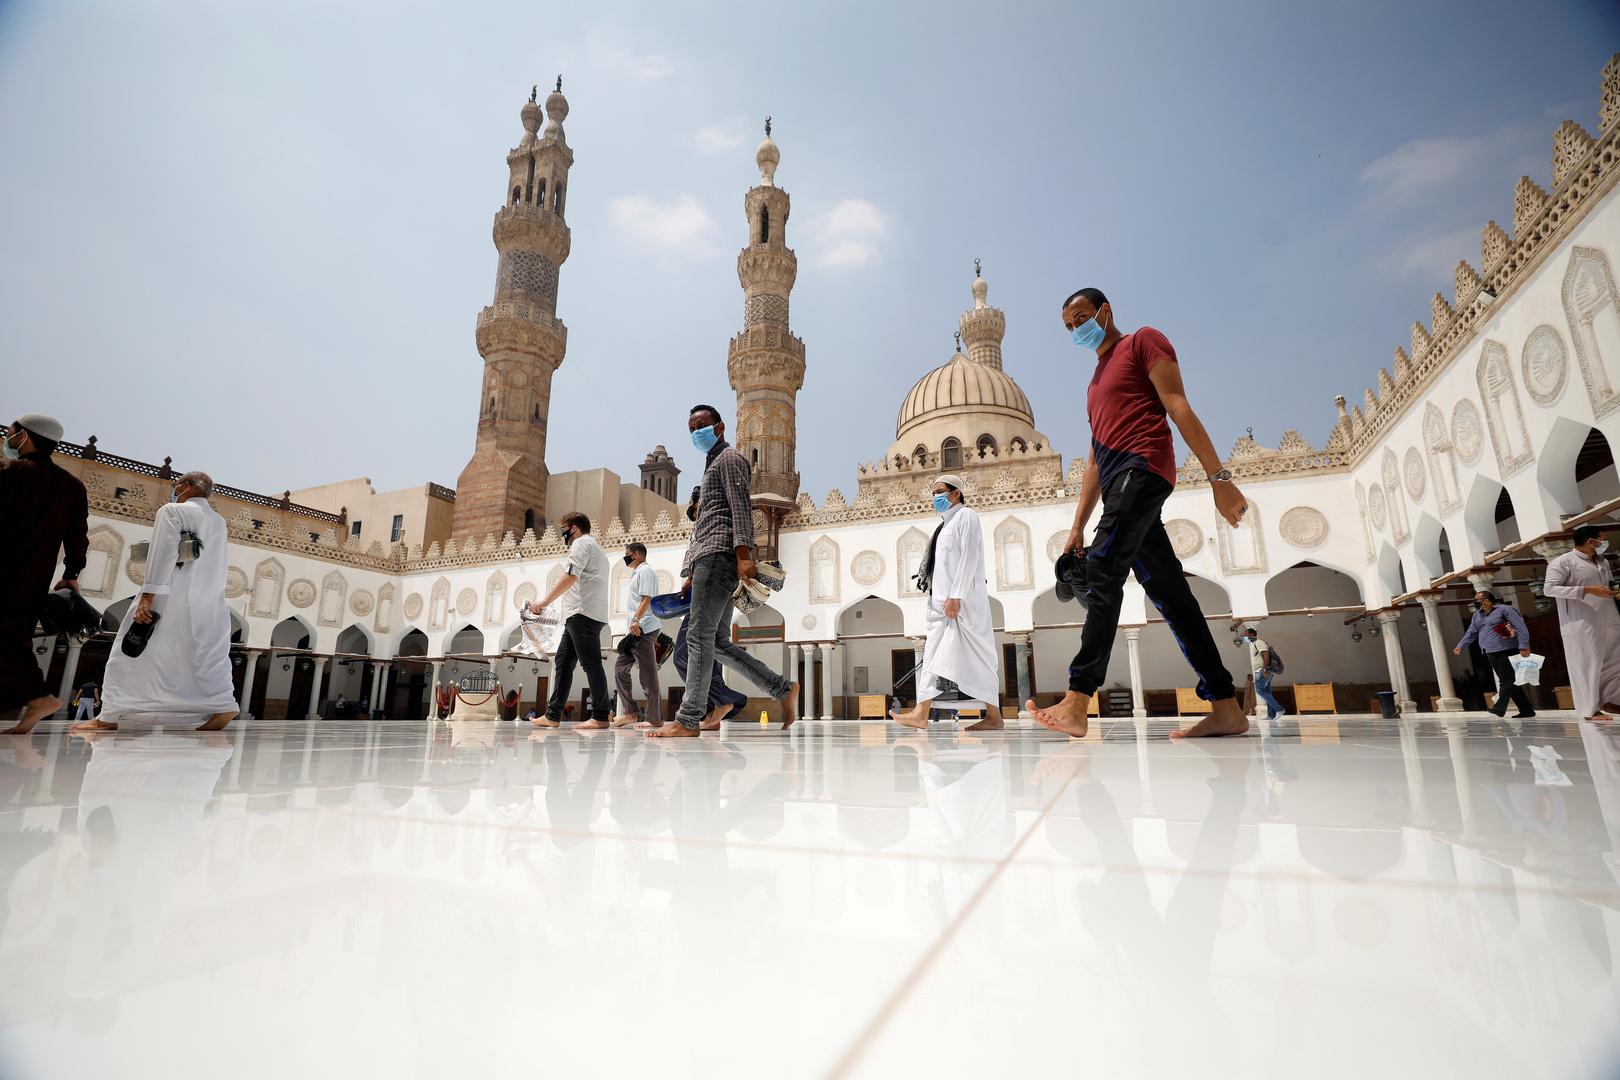 شيخ الأزهر يدعو لإقرار تشريع عالمي يجرم معاداة المسلمين ويوجه نداء للمسلمين في الغرب